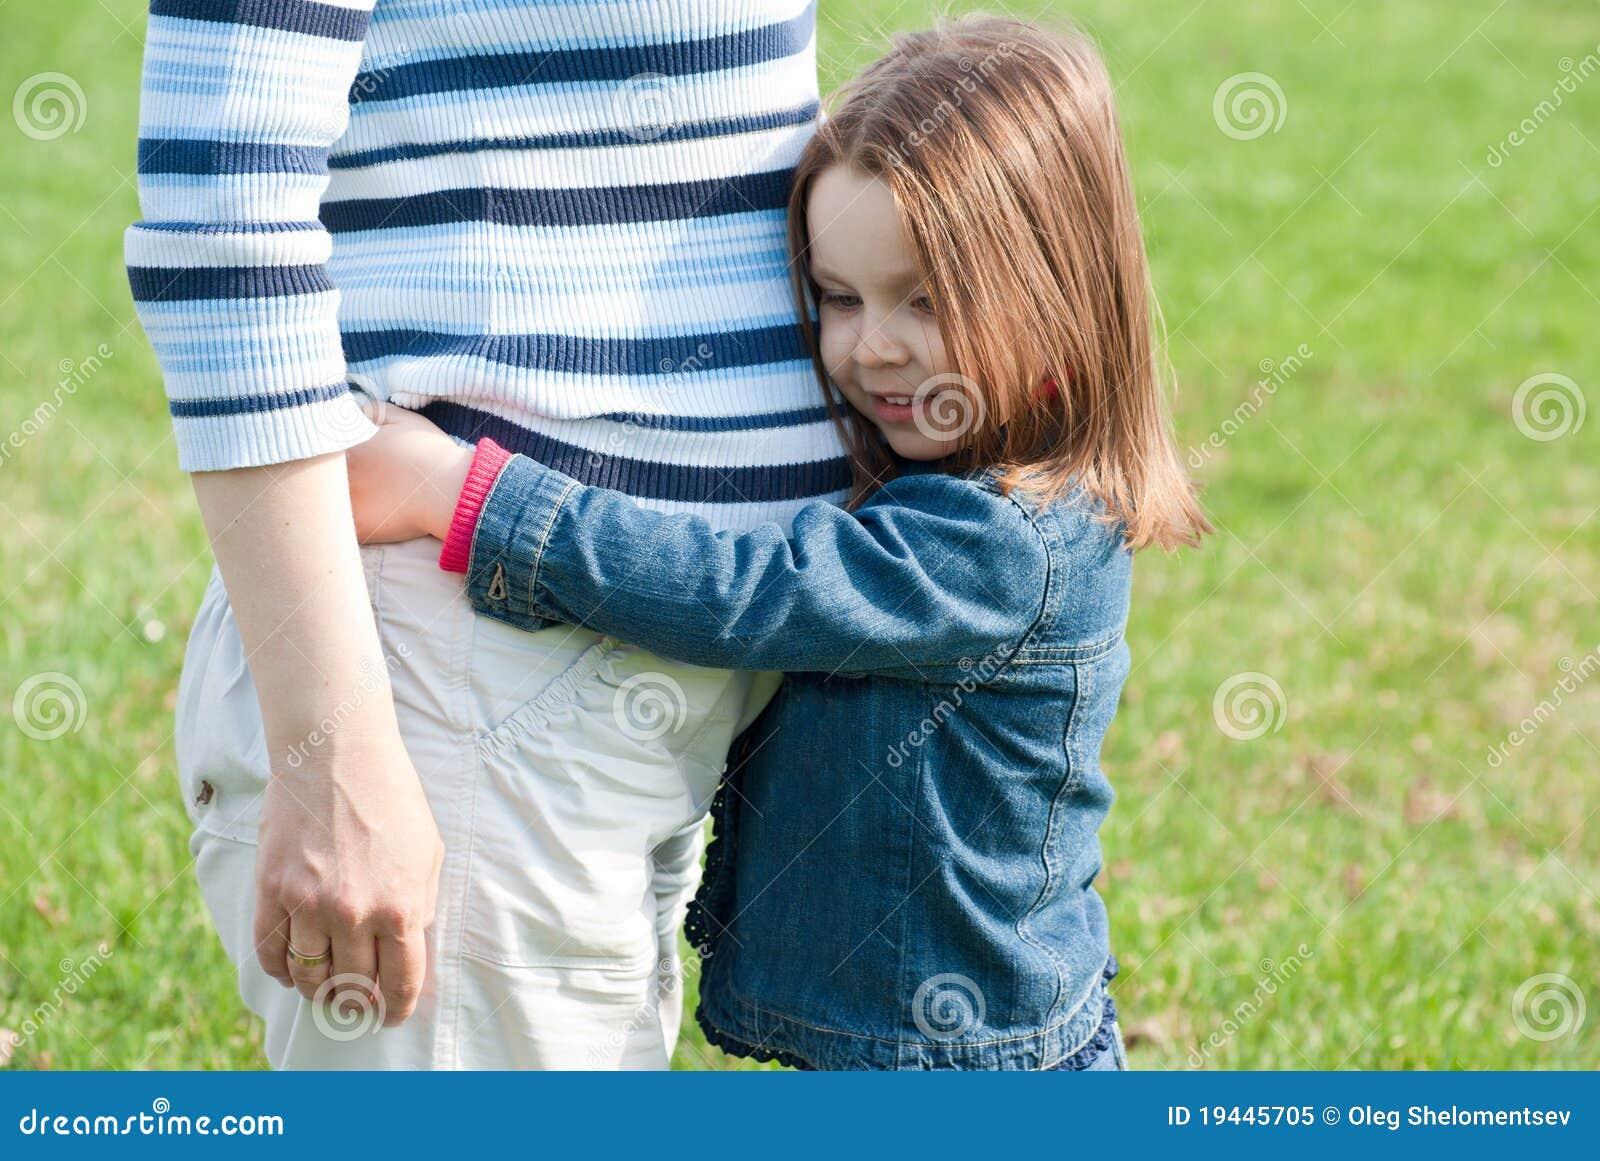 Трахаеца маленькая девочка 1 фотография